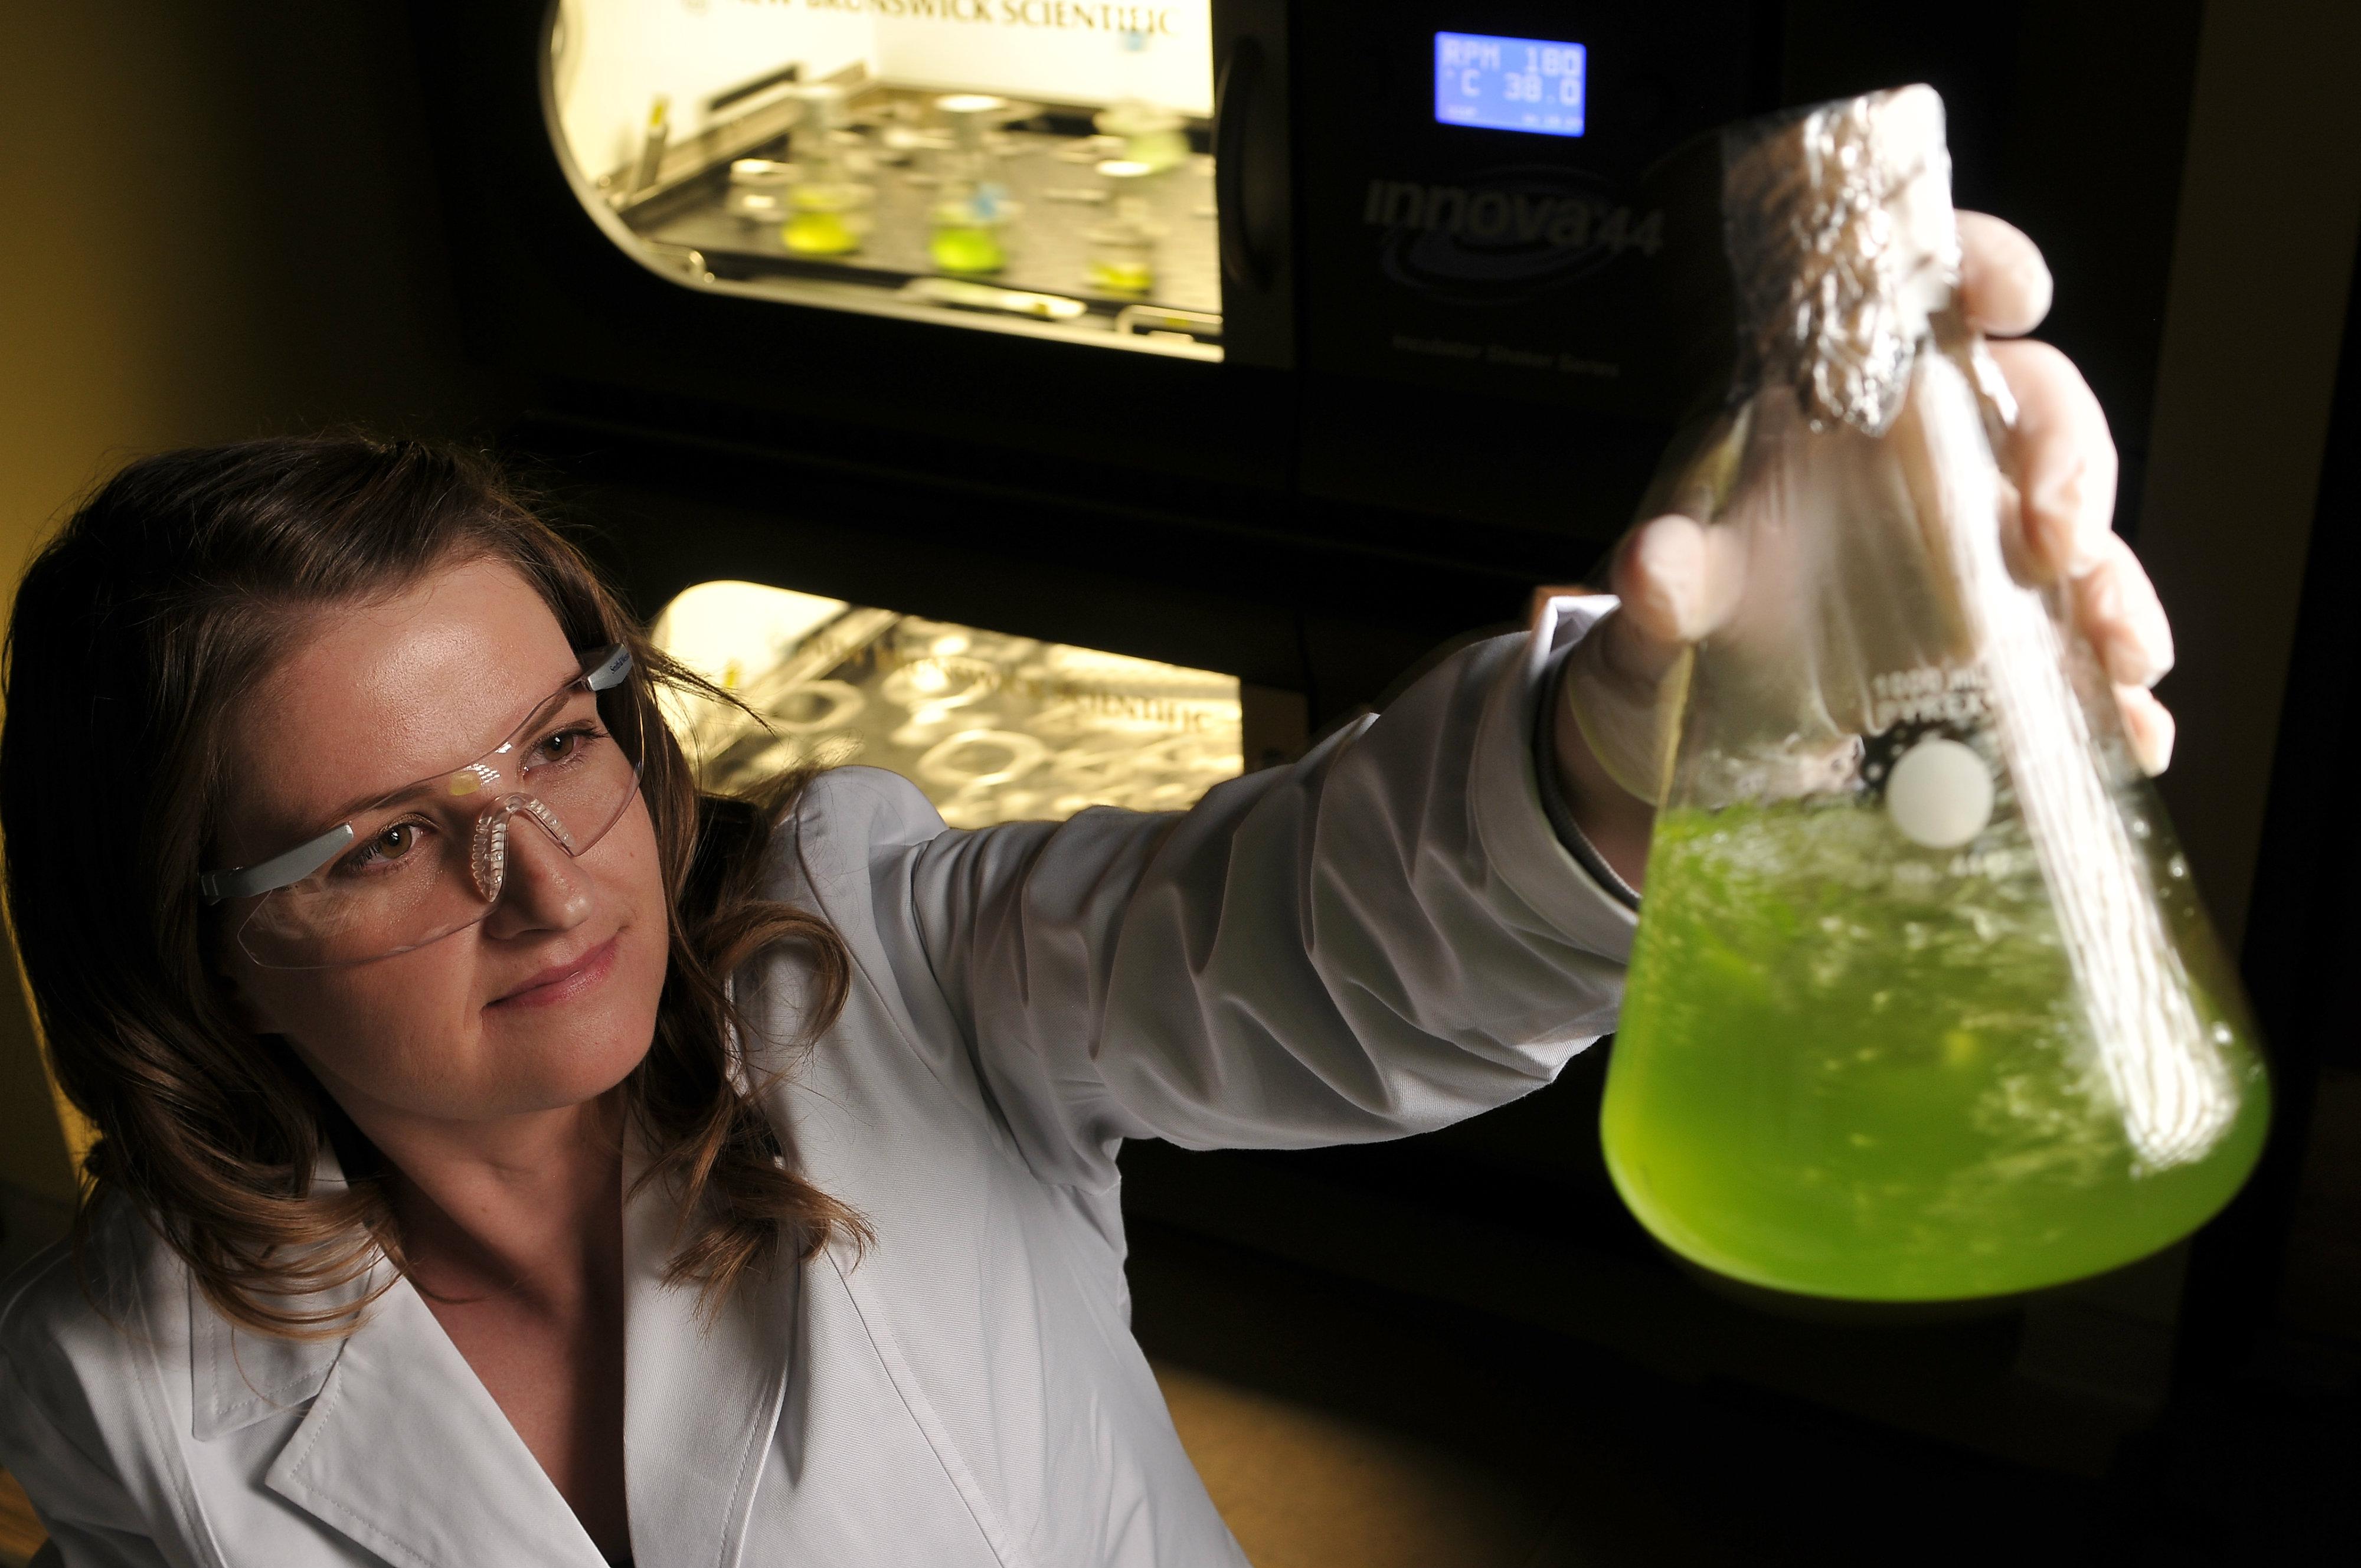 Mines Assistant Professor Nanette Boyle